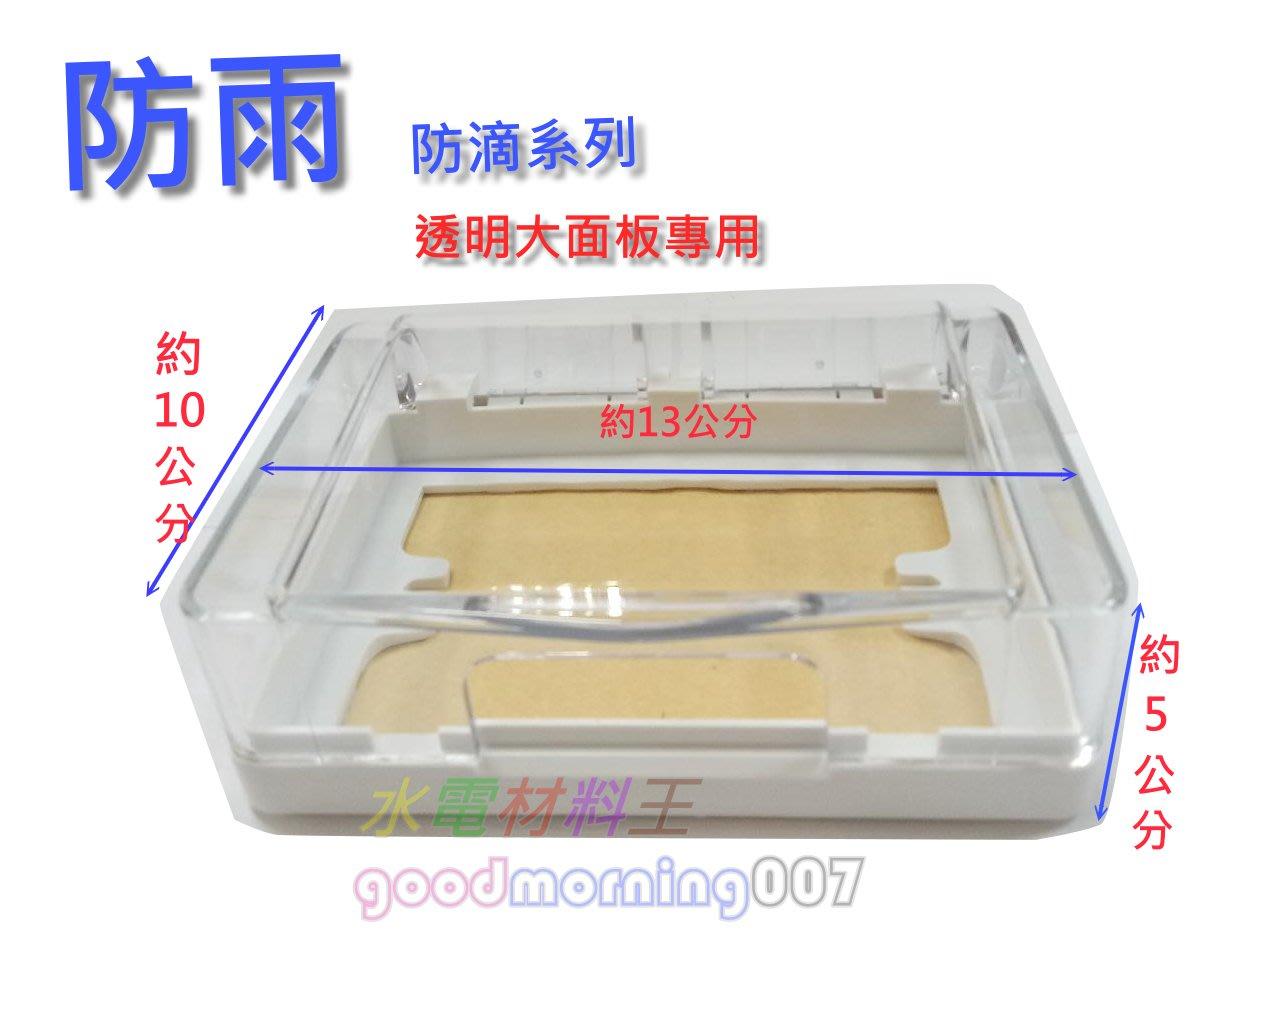 ☆水電材料王☆ 防水蓋板 適用開關插座 單連防滴蓋板 防雨蓋板  透明蓋片